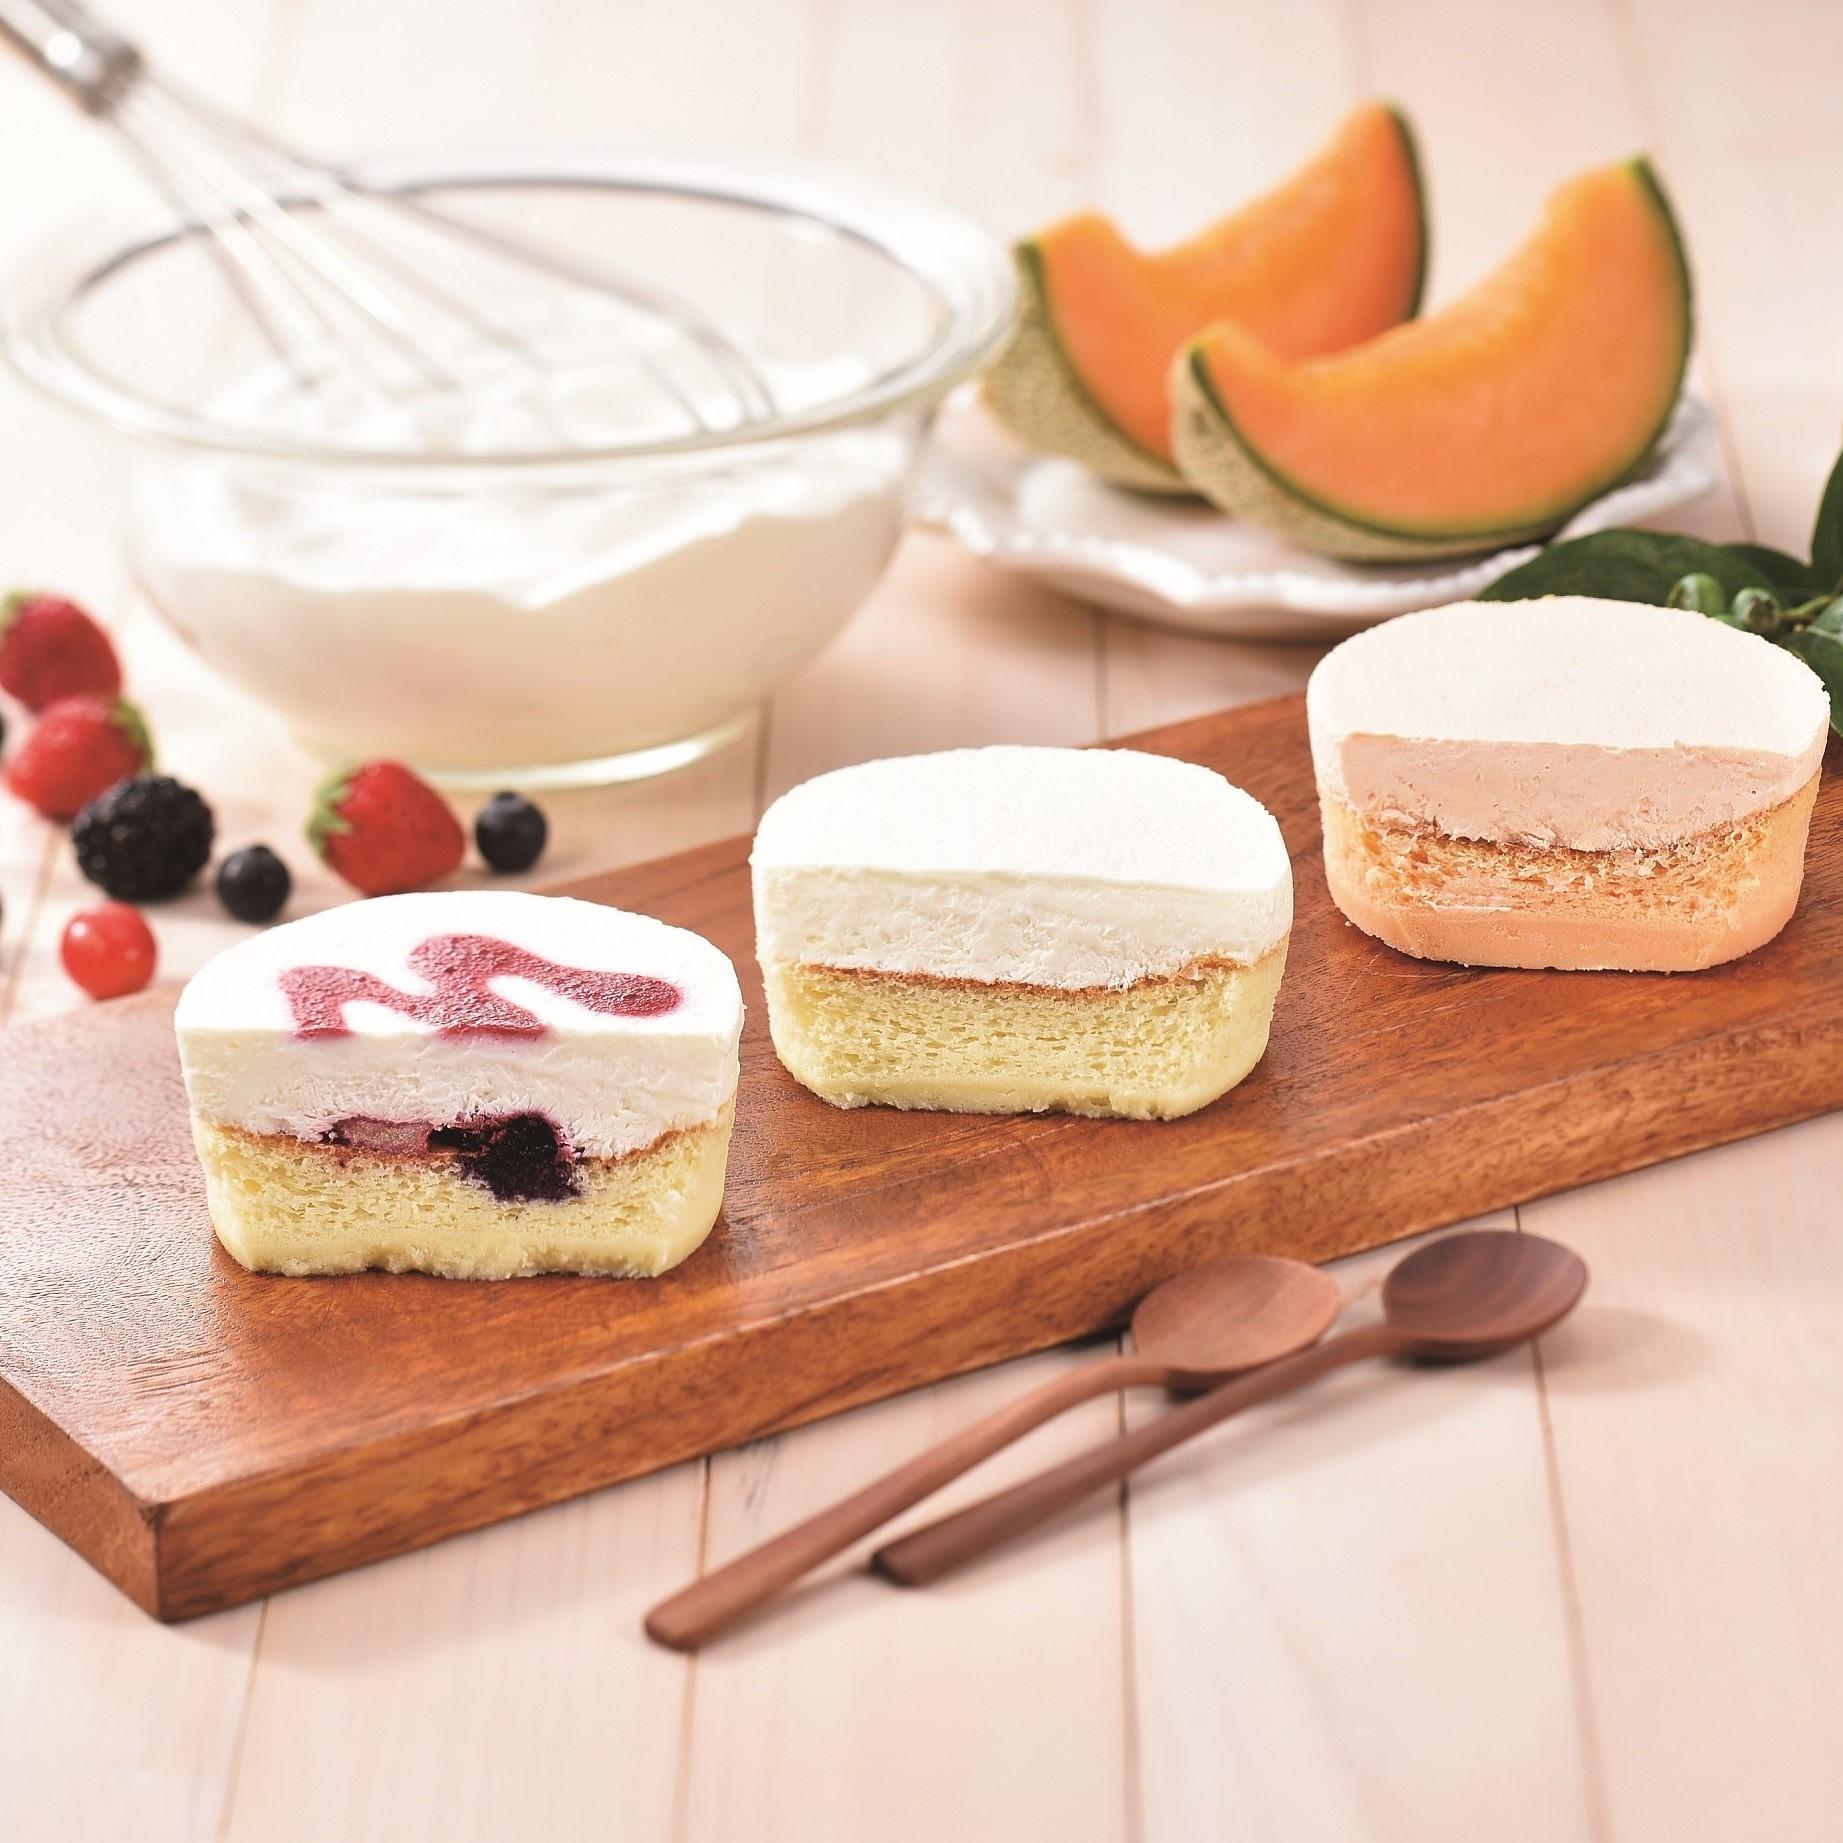 三國推奨 北海道チーズスフレセット